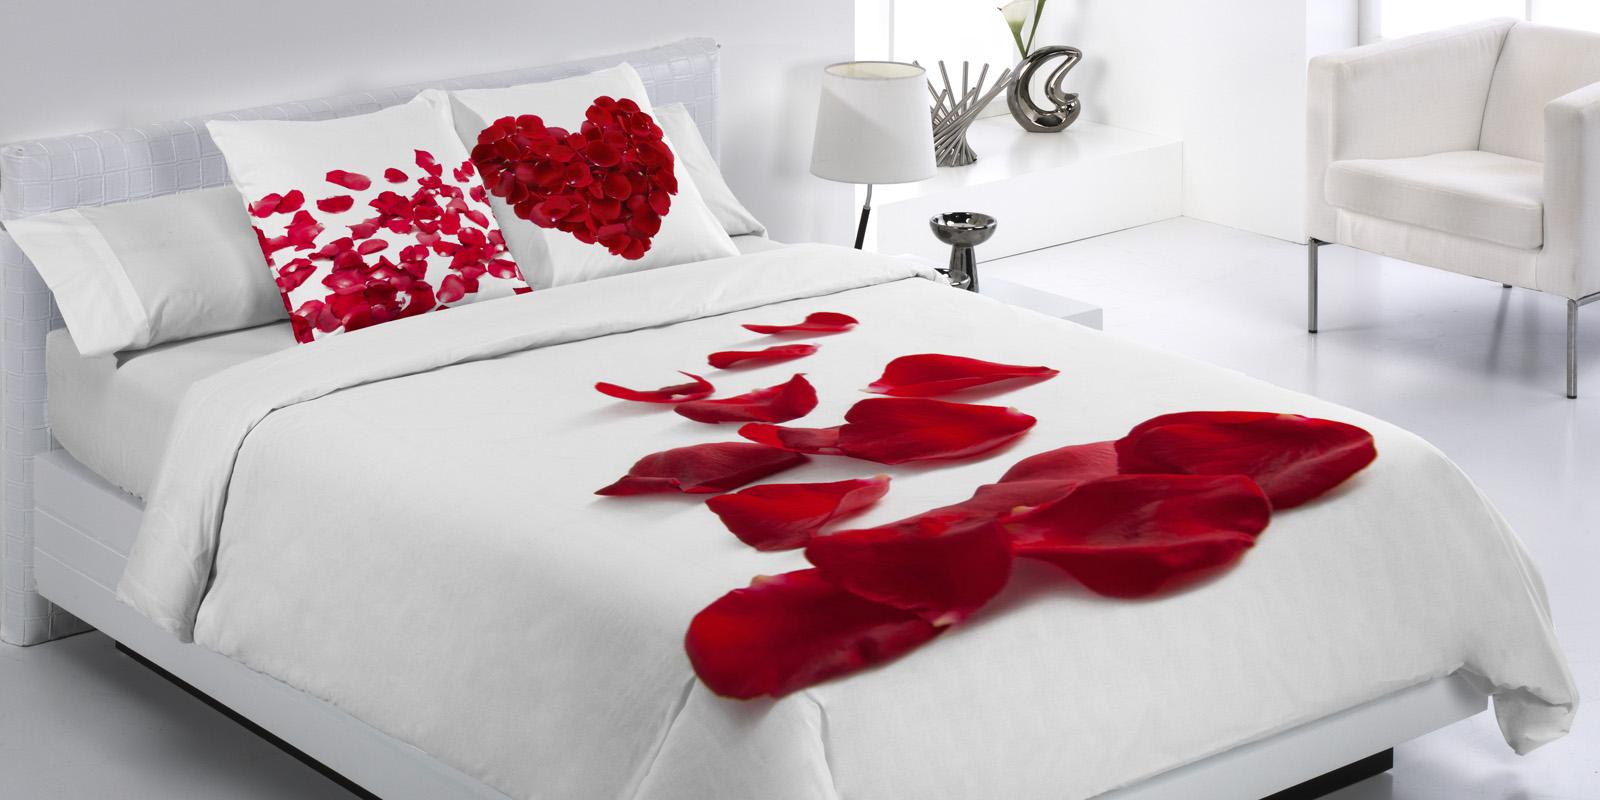 Cresmar ropa de cama - Ropa de cama antiacaros ...